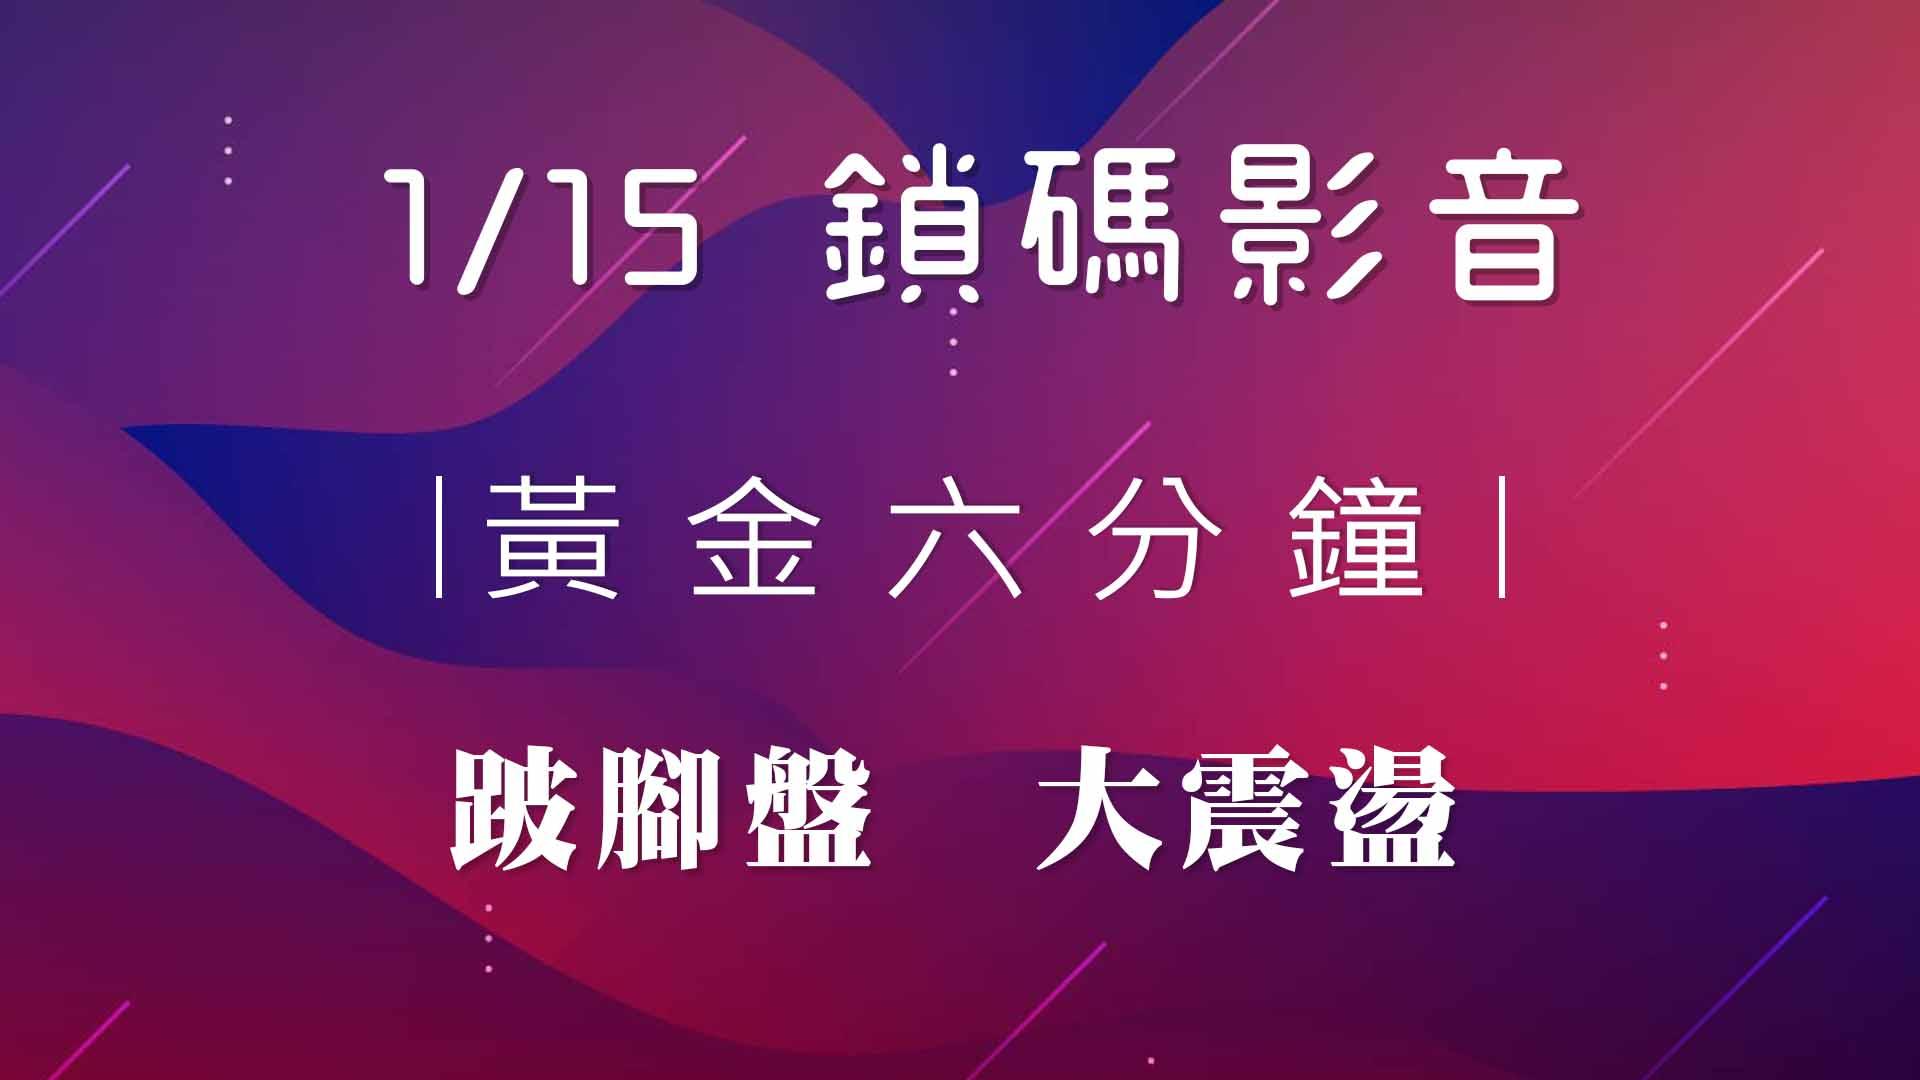 【王曈2021/01/15】鎖碼影音(試看)